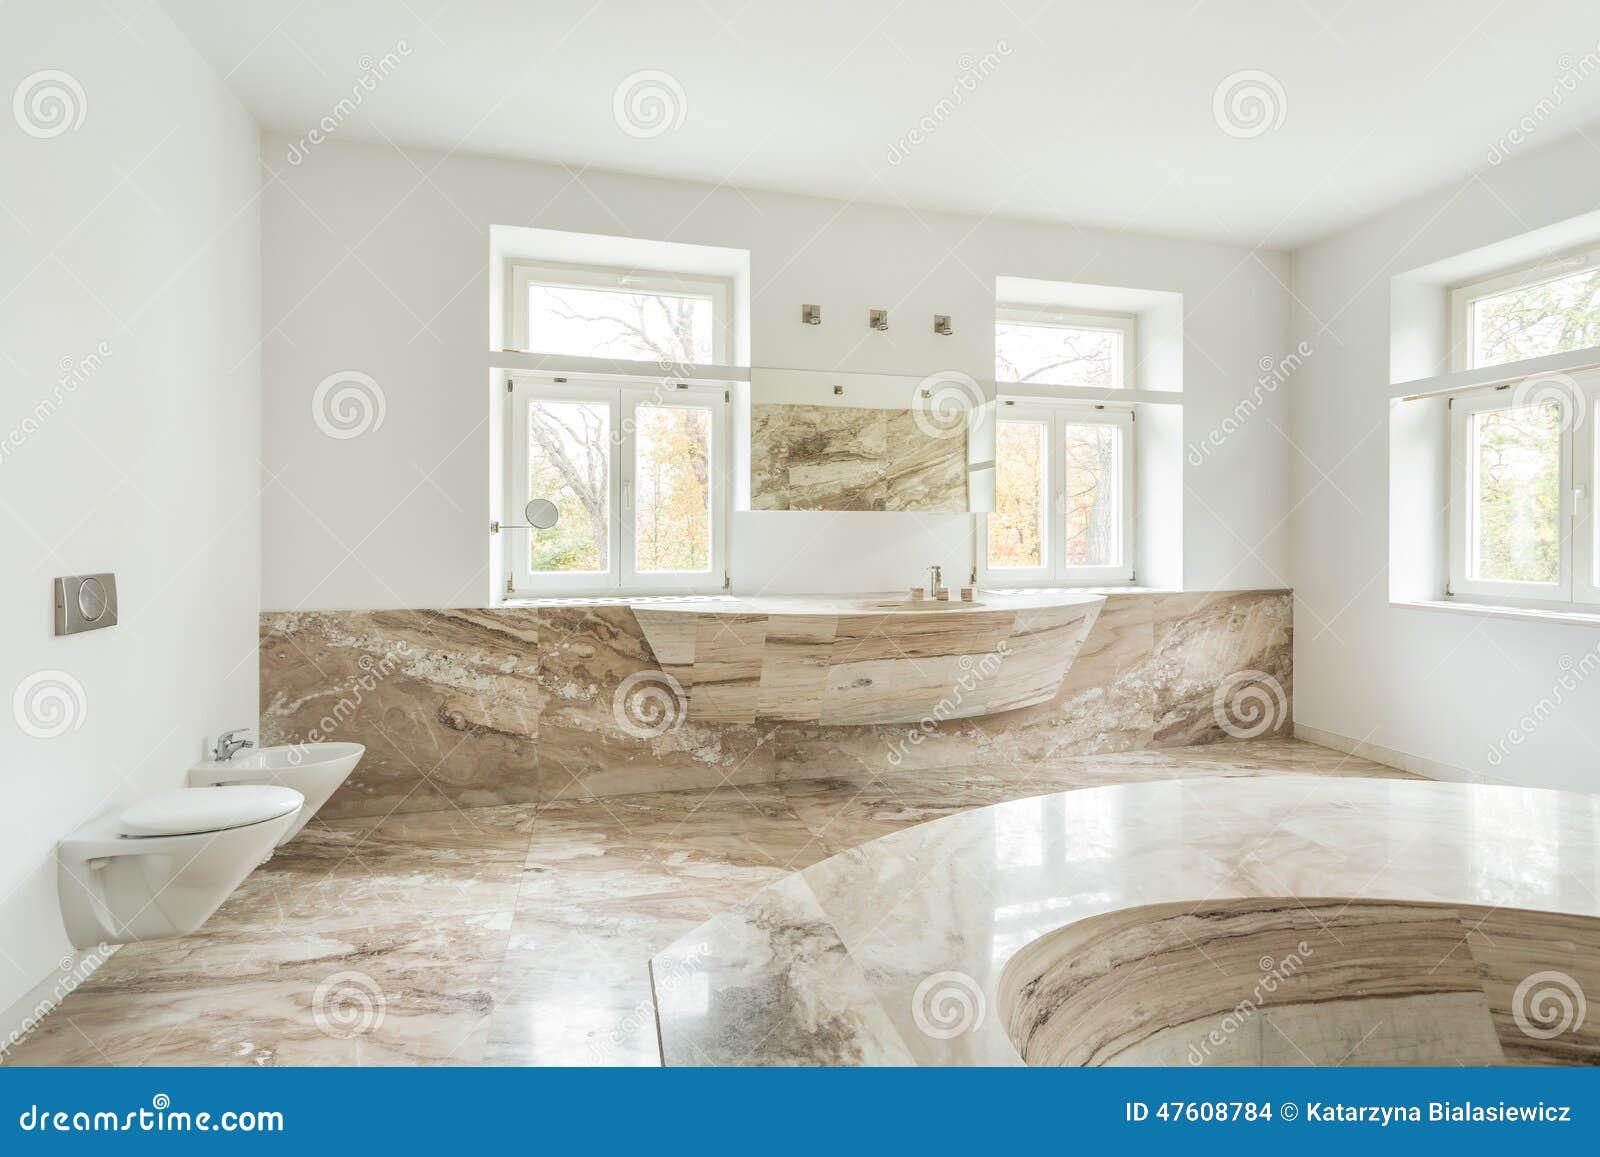 Salle de bains ch re avec le plancher de marbre photo for Plancher chauffant salle de bain